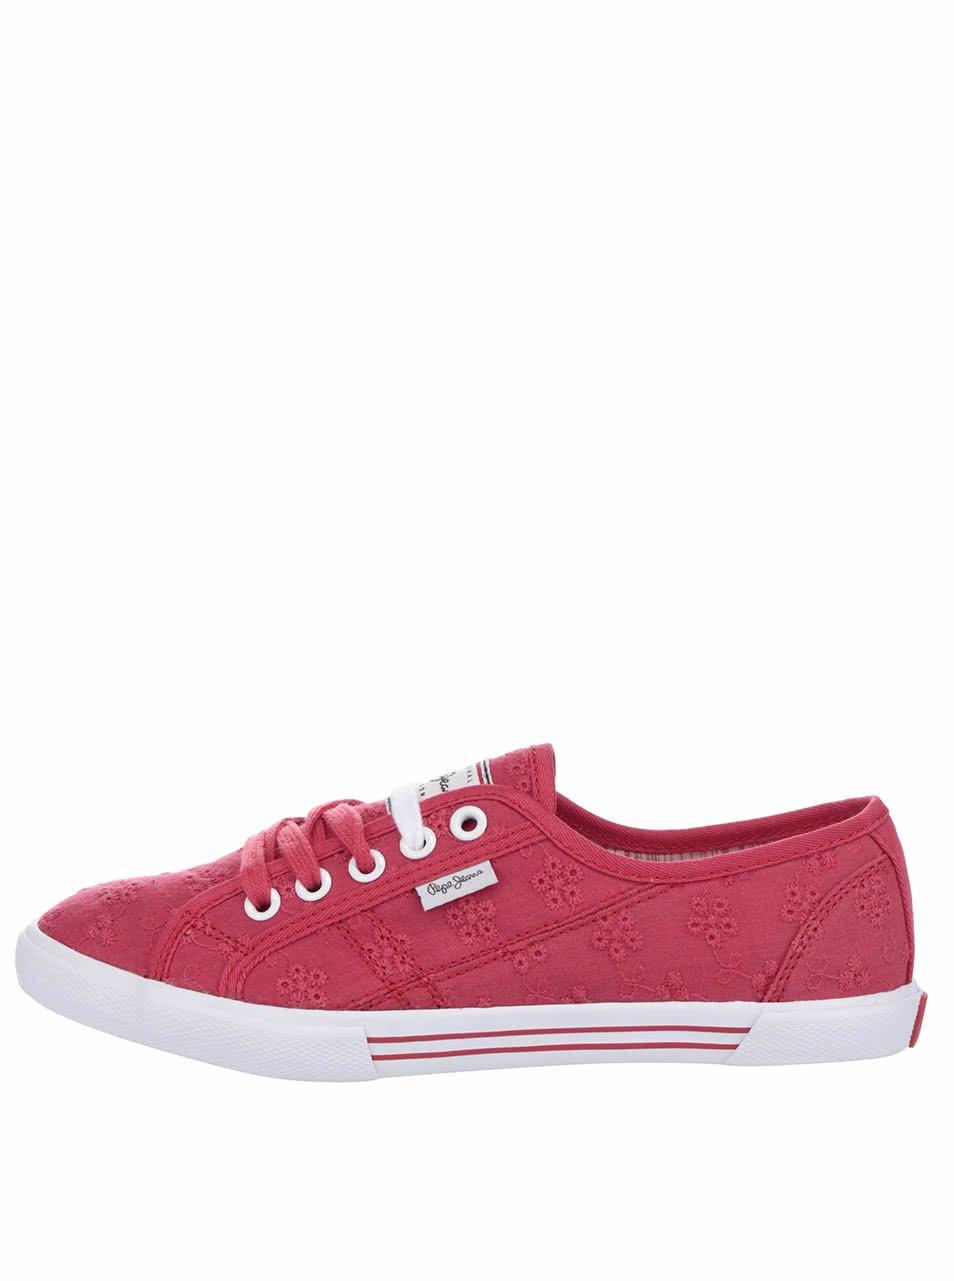 Červené dámské tenisky s výšivkou Pepe Jeans Aberlady Anglaise